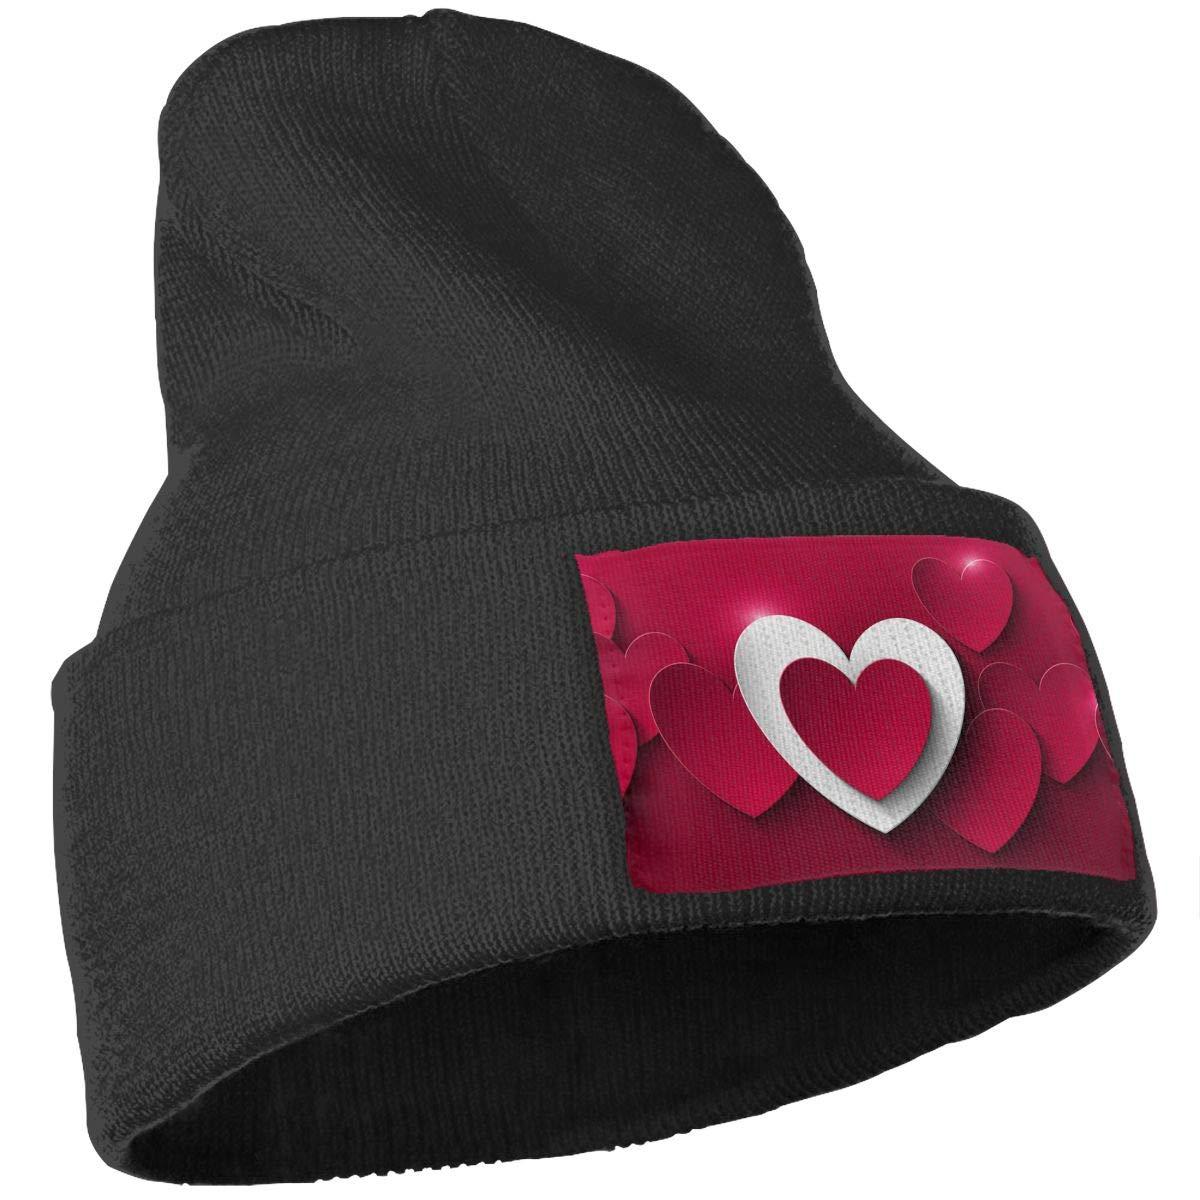 QZqDQ Valentine`s Day Unisex Fashion Knitted Hat Luxury Hip-Hop Cap